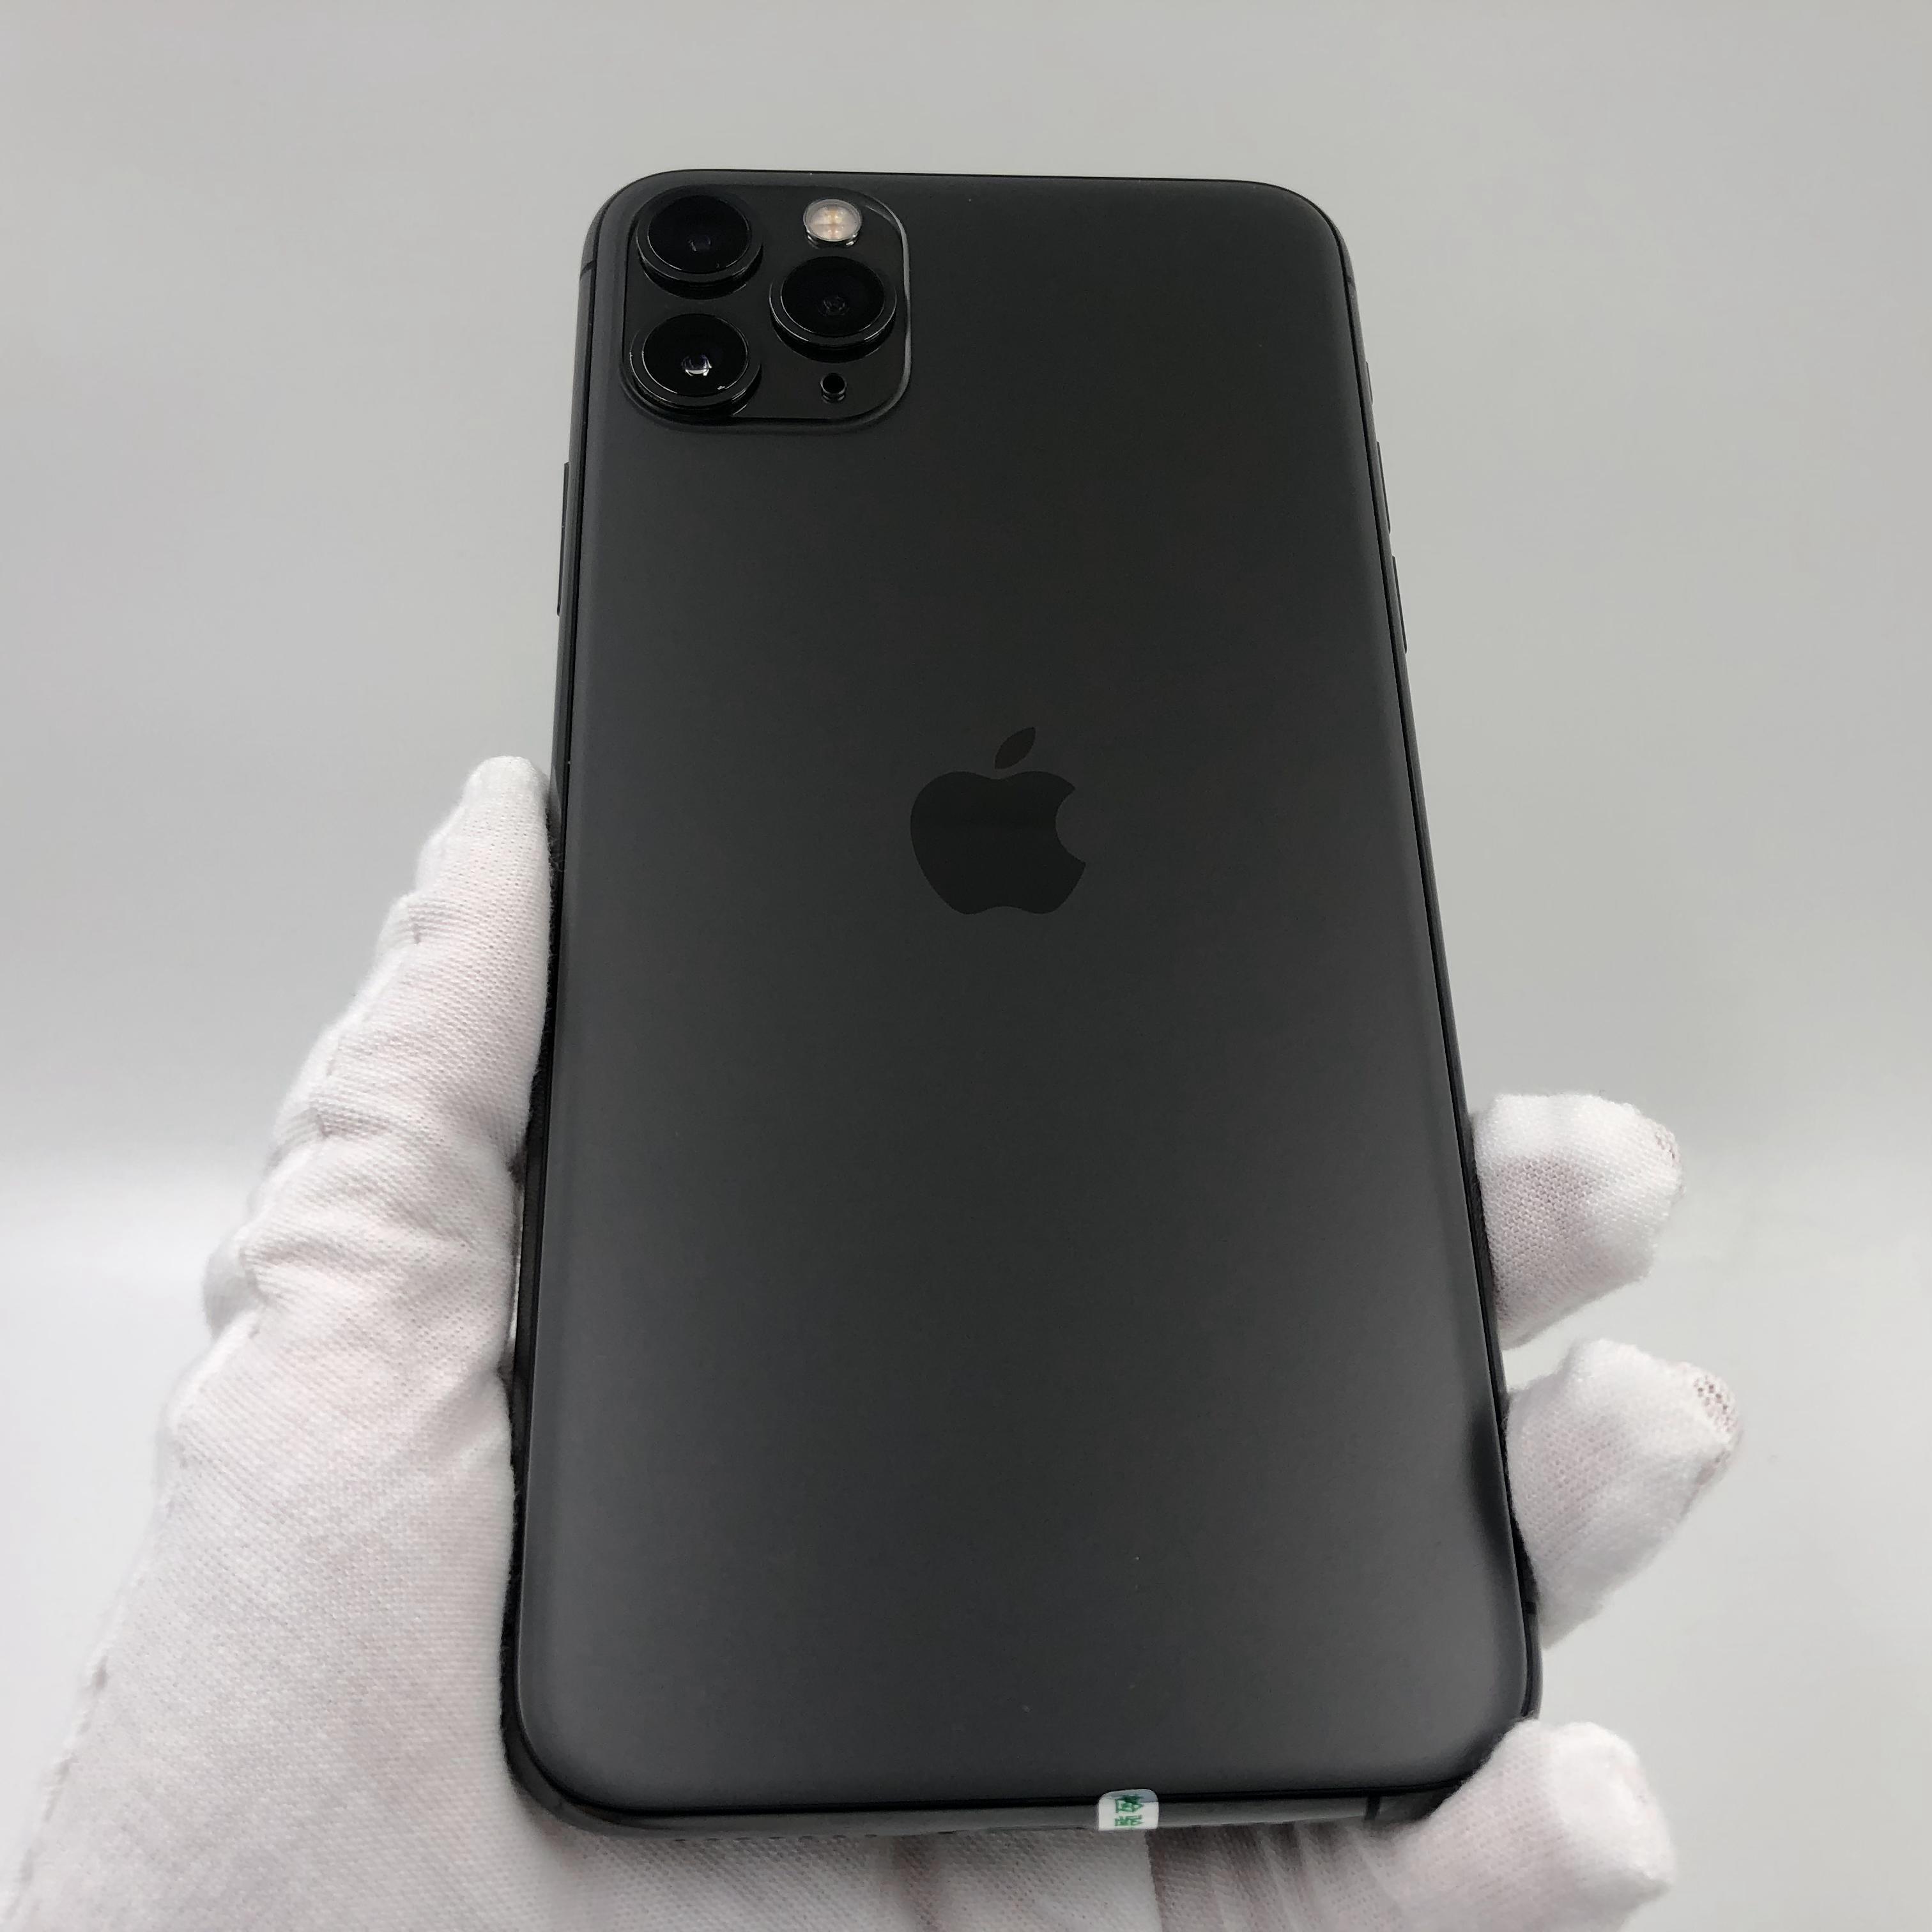 苹果【iPhone 11 Pro Max】4G全网通 深空灰 64G 国行 99新 真机实拍